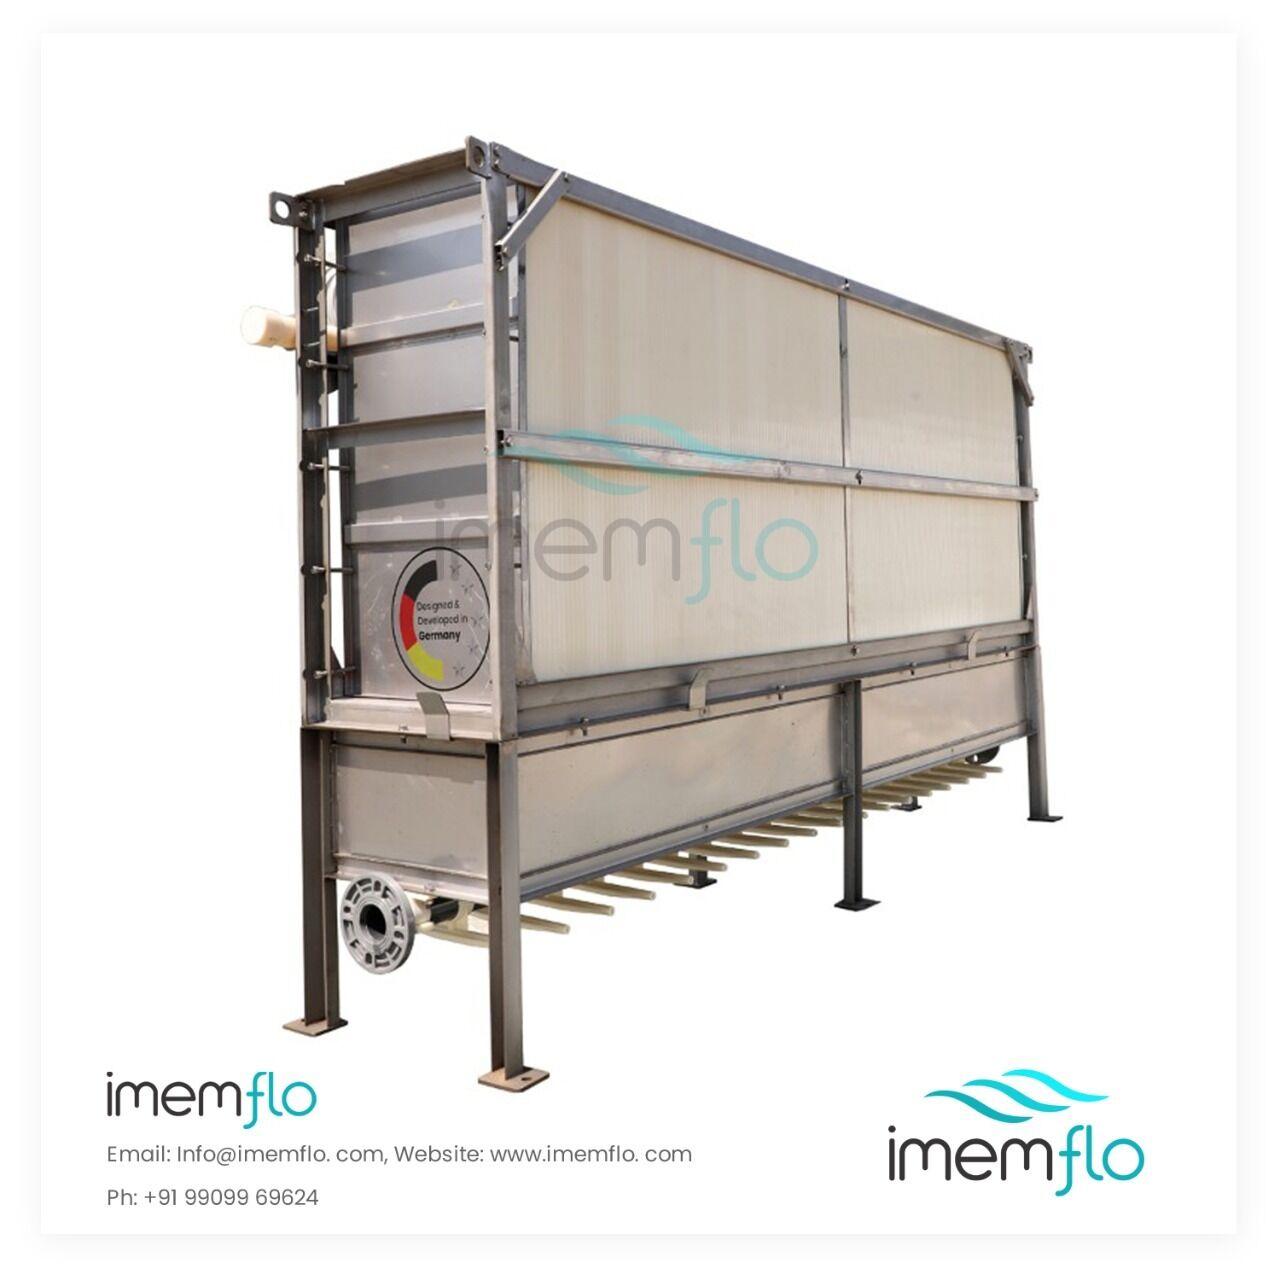 Imemflo MBR Membrane flat sheet product